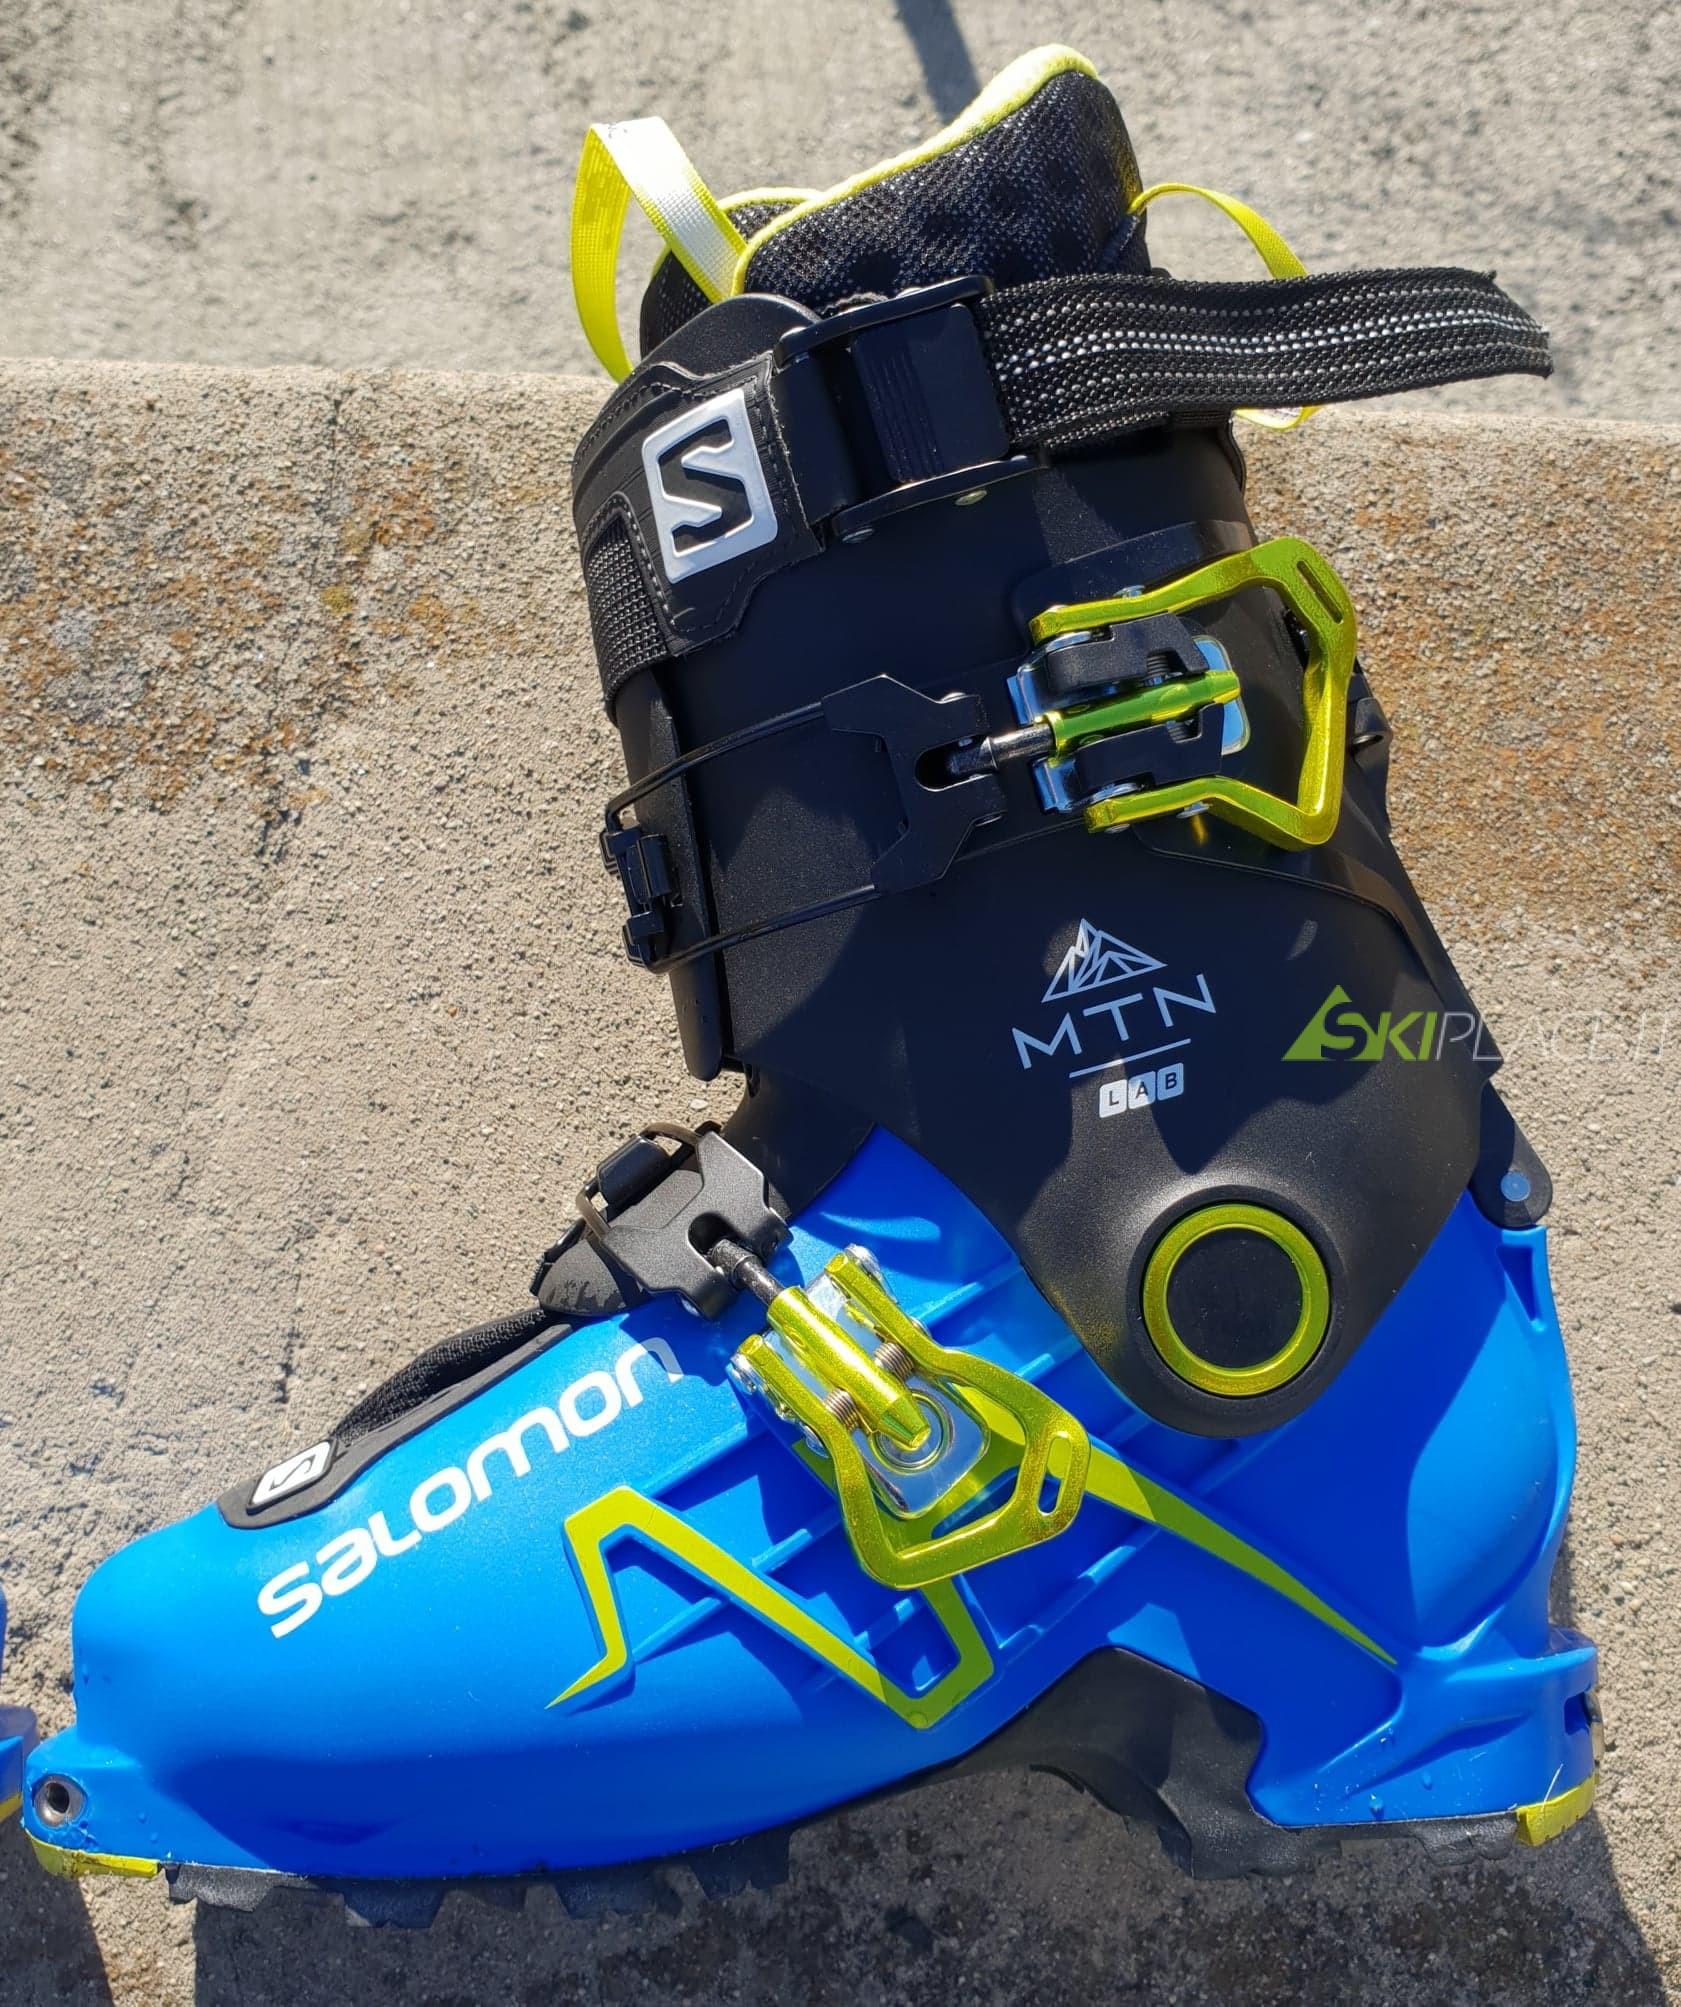 foto ufficiali classcic elegante nello stile scarponi scialpinismo Salomon l-lab mtn - Skiplace - Il sito ...